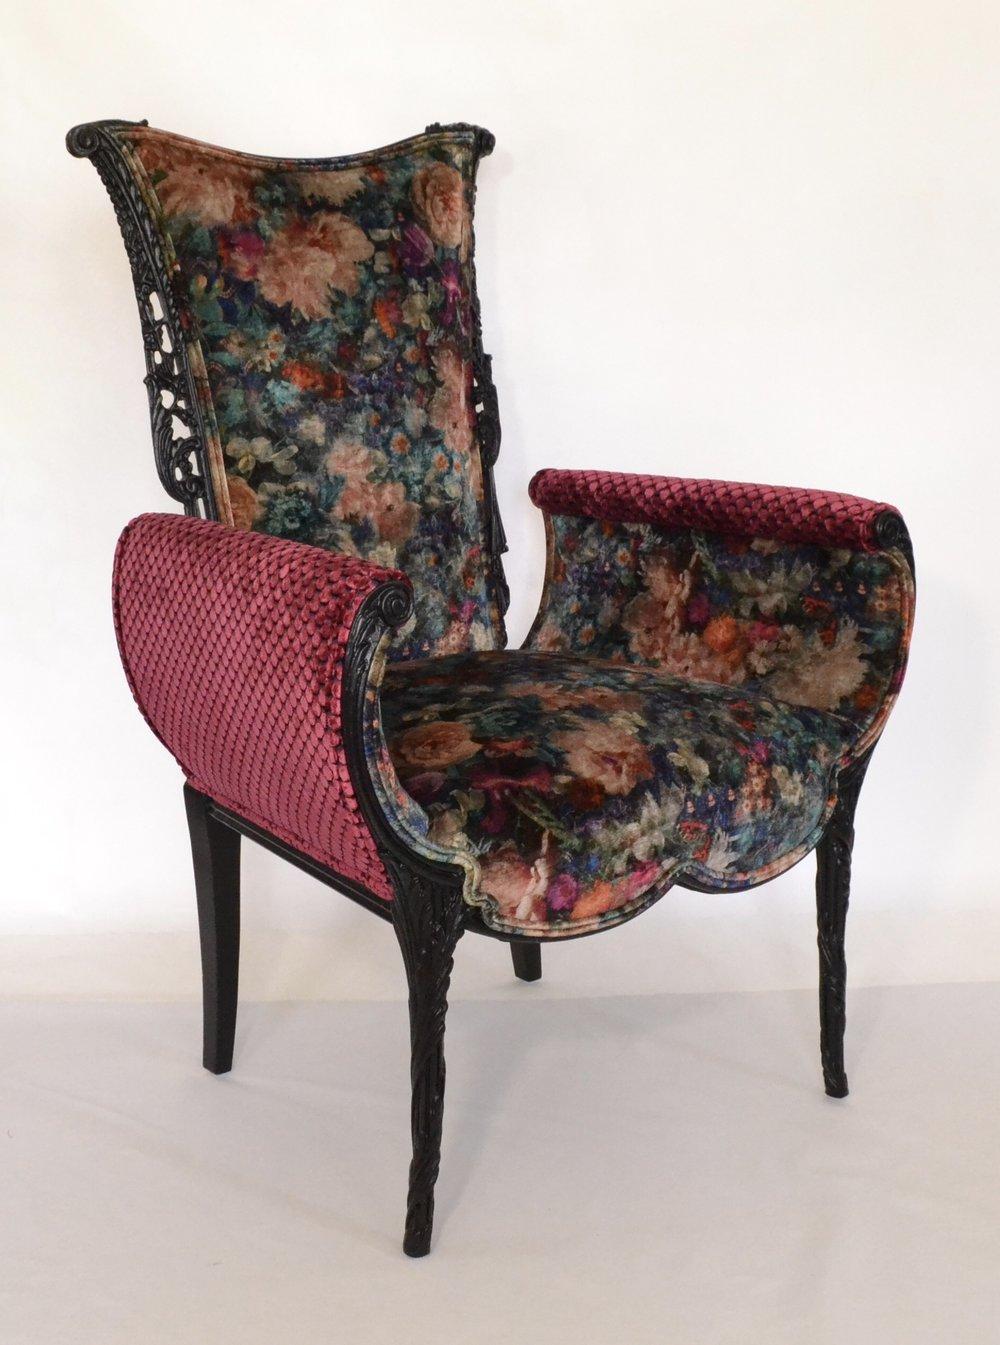 Italian Carved Fireside Chair in Designer Contrasting Velvets